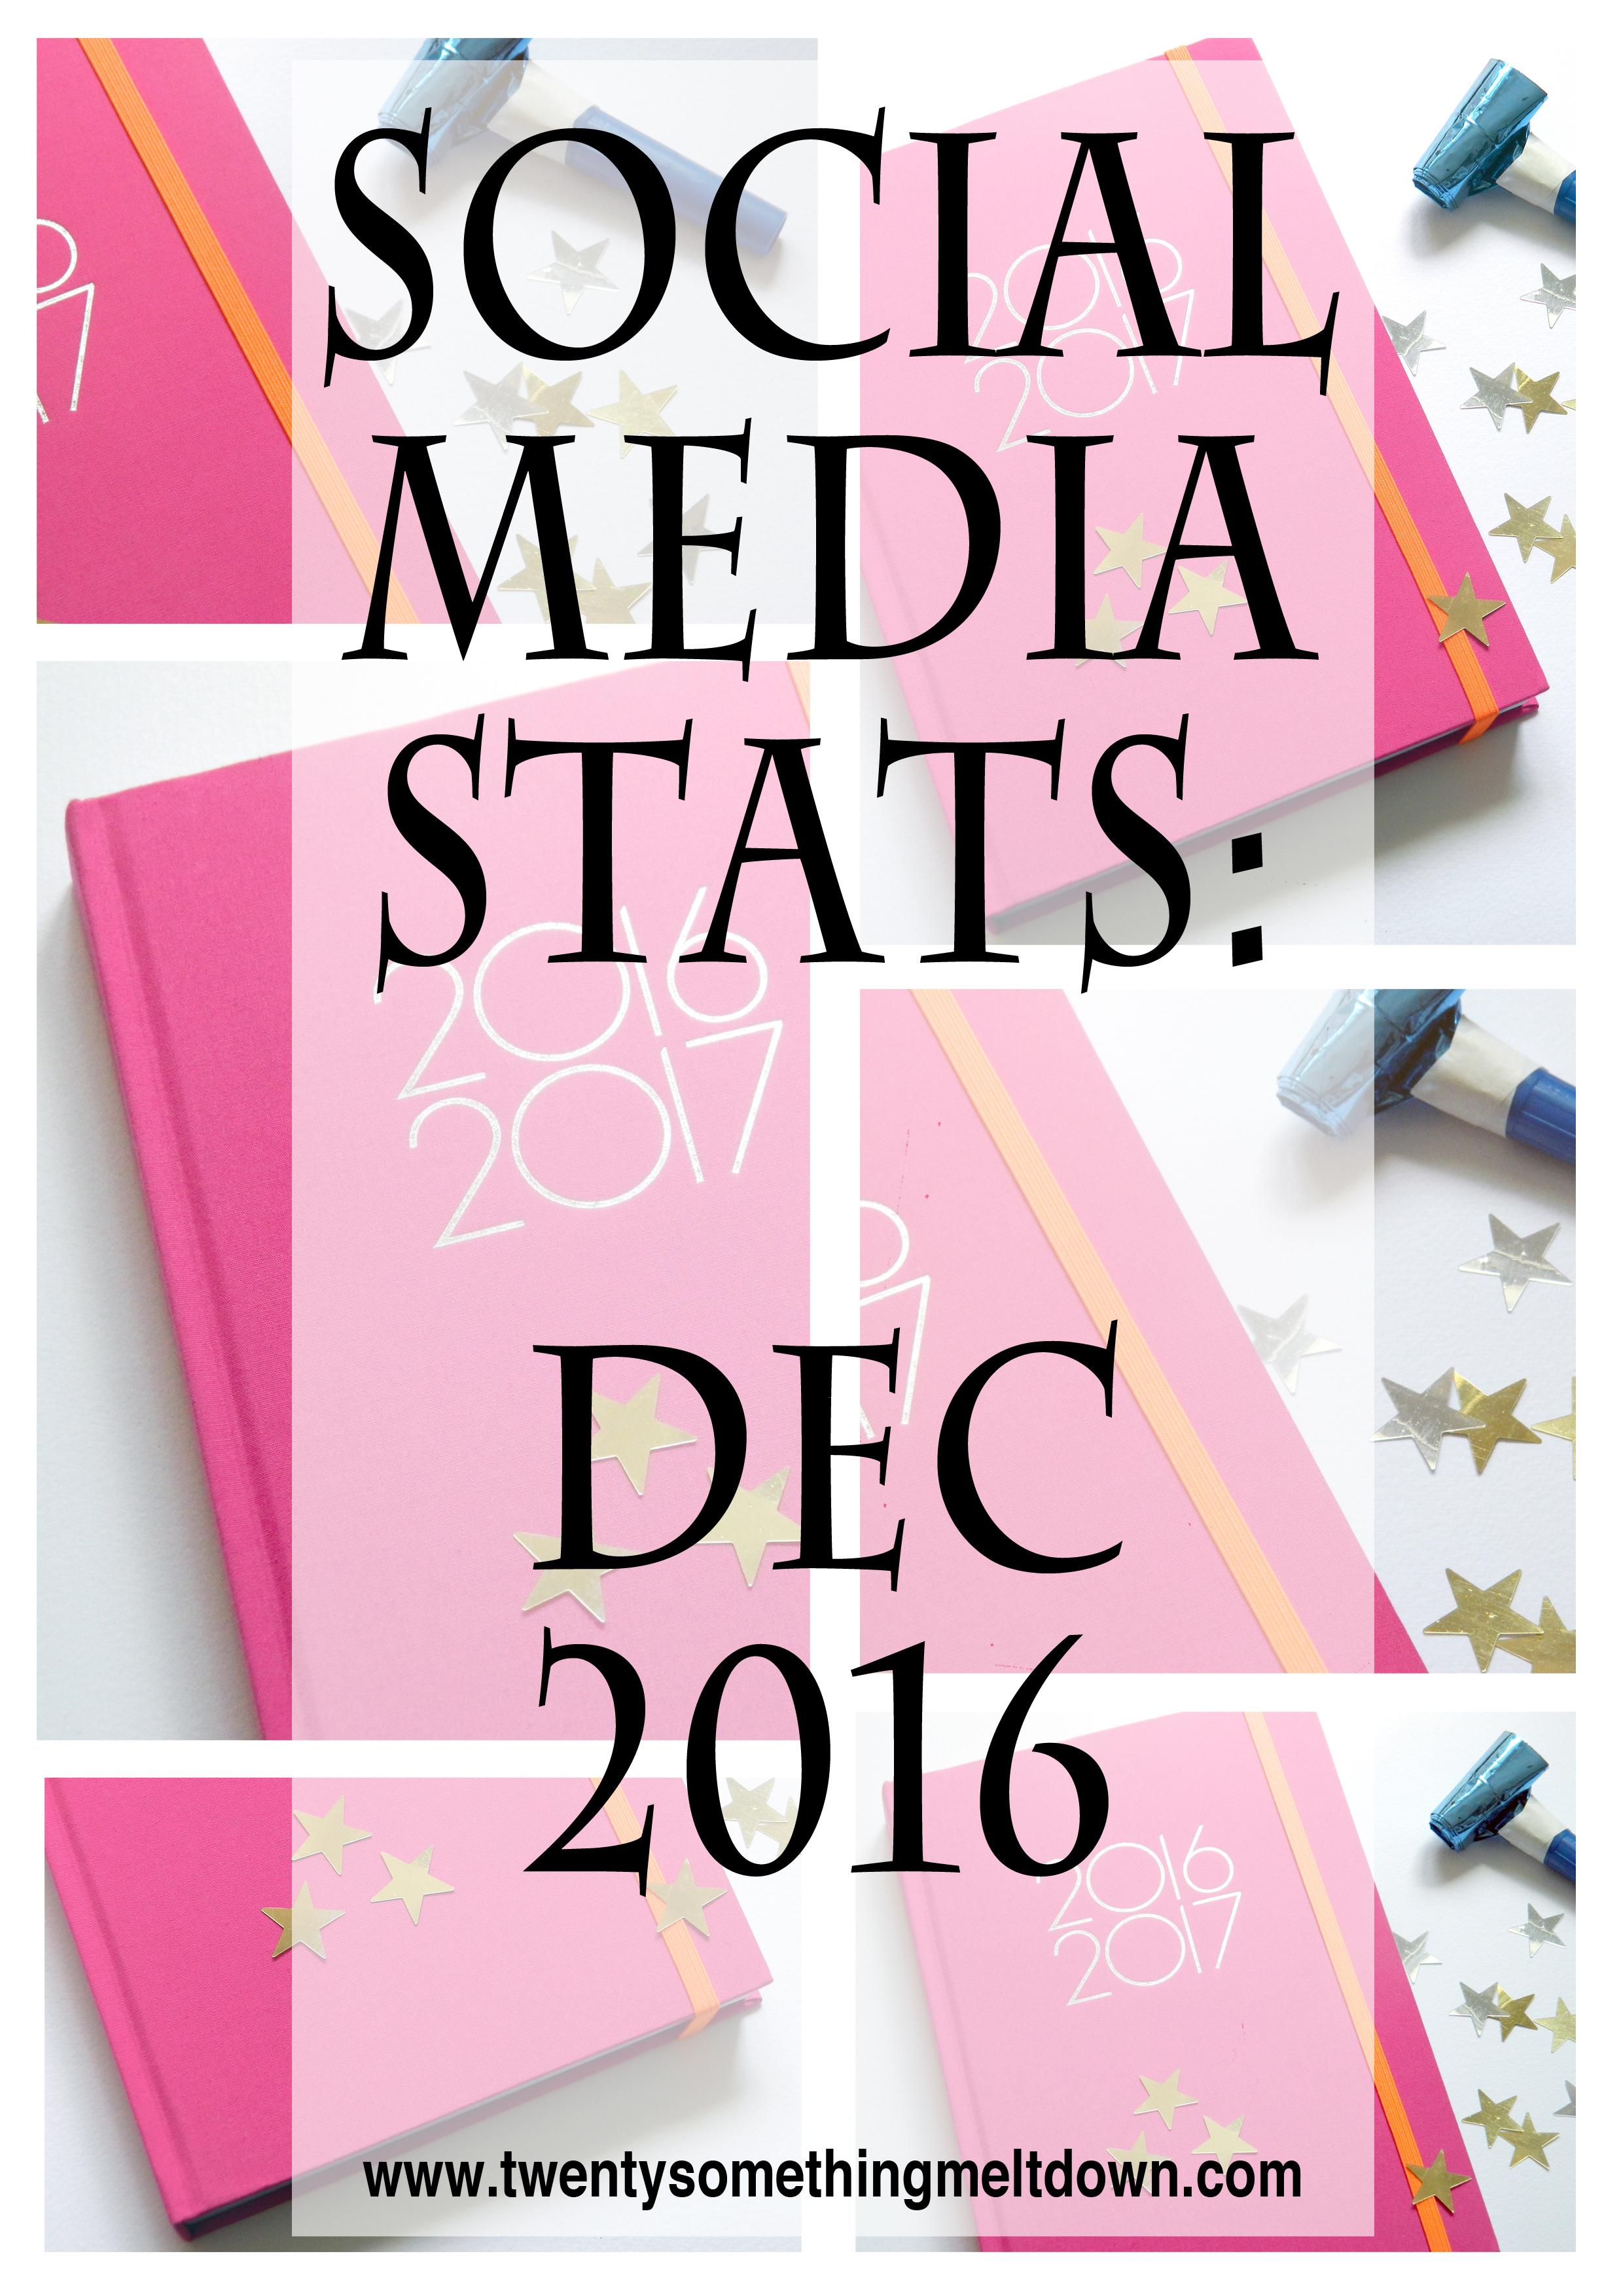 Social Media Stats; December 2016.